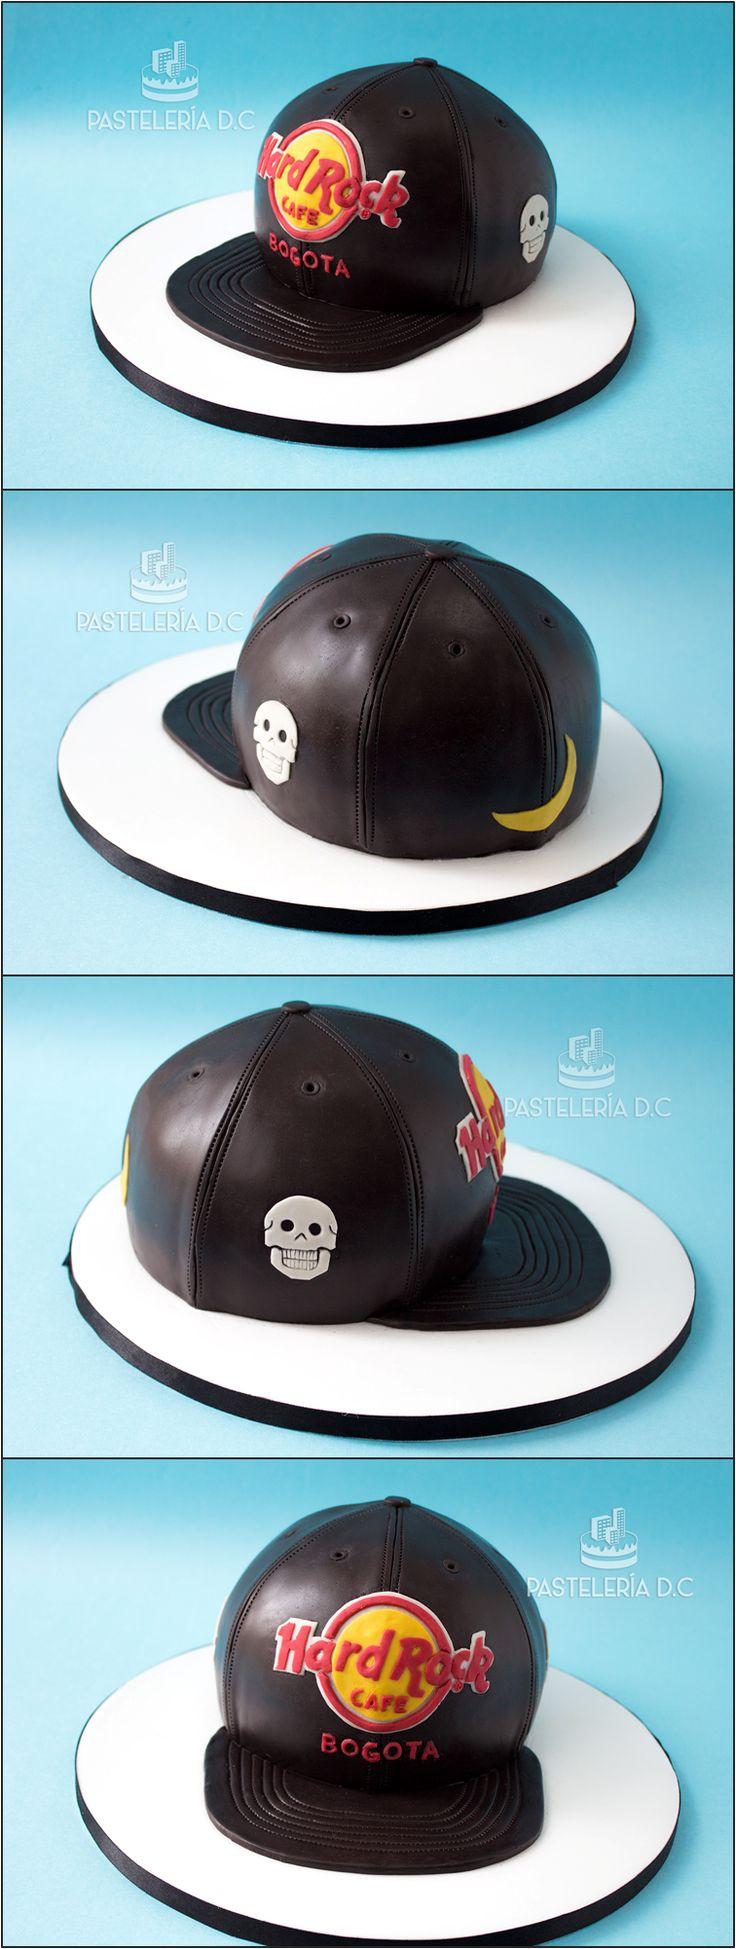 Torta esculpida con forma de gorra plana o paletera y diseño del Hard Rock Café Bogotá y calaveras / Hard Rock Cafe and skulls Fitted hat cake